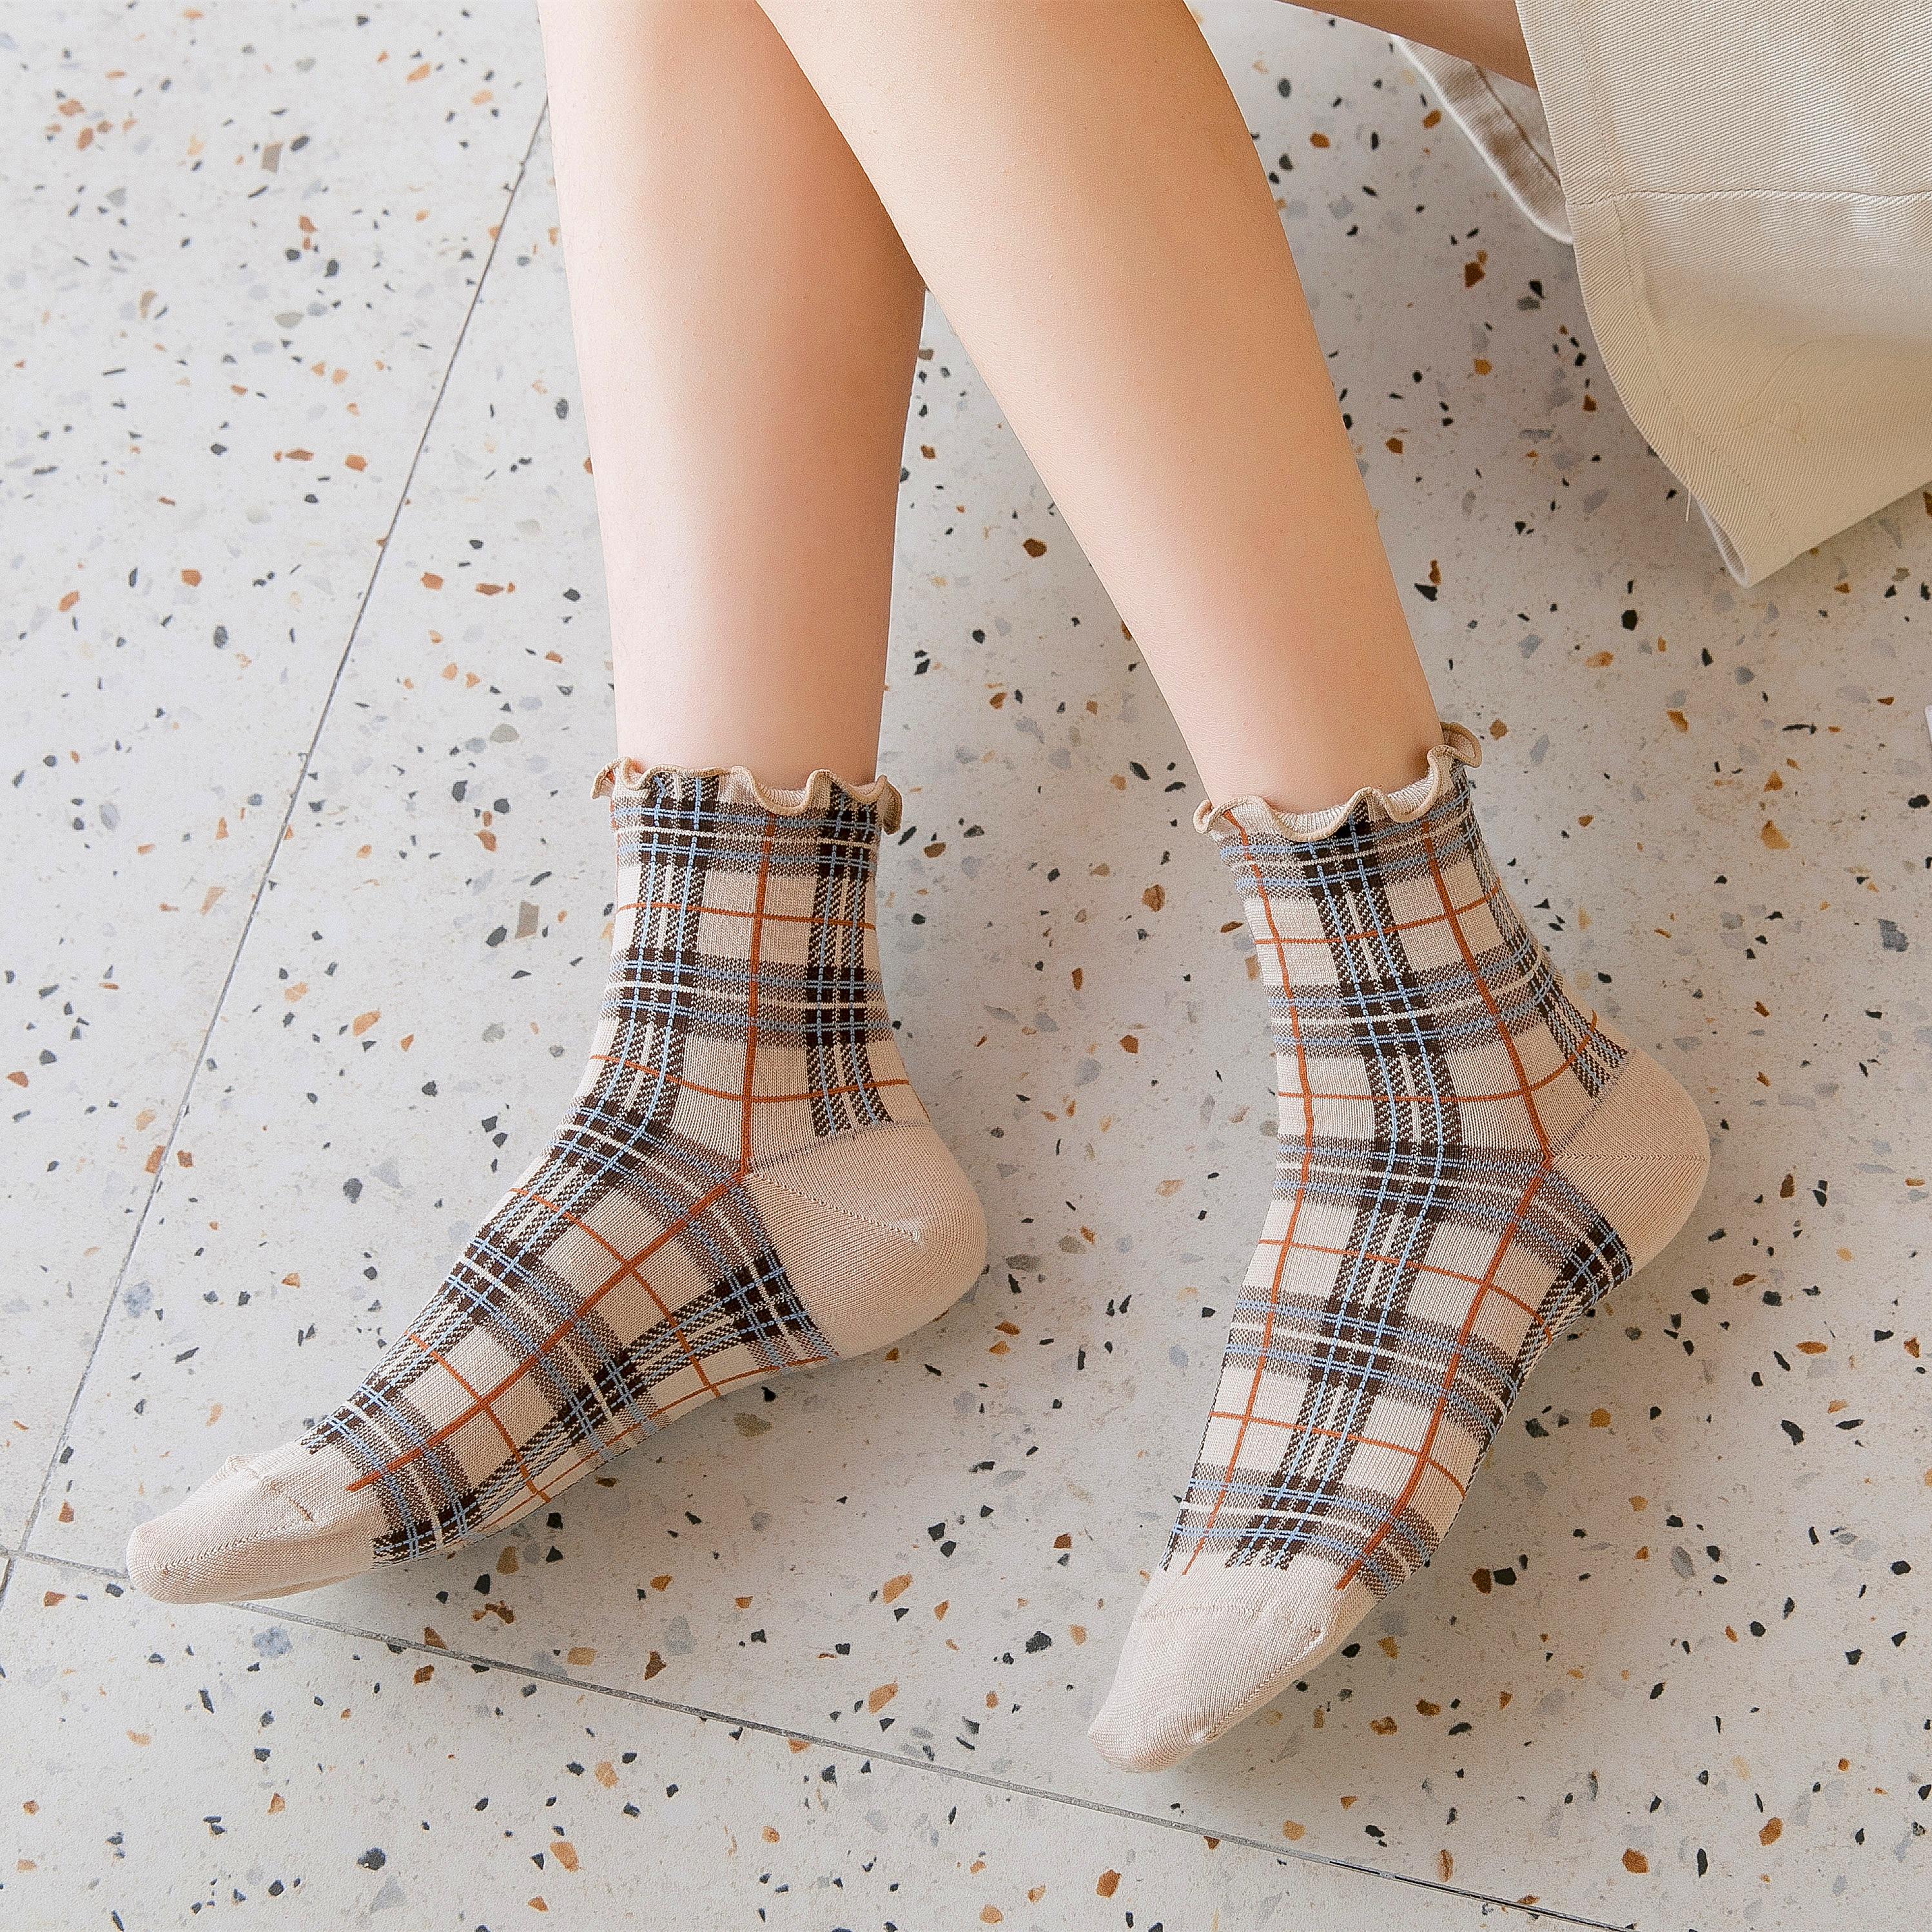 Quatre saisons dames chaussettes britannique plaid rétro femmes chaussettes littérature et art célébrité style dames collège Style ree expédition